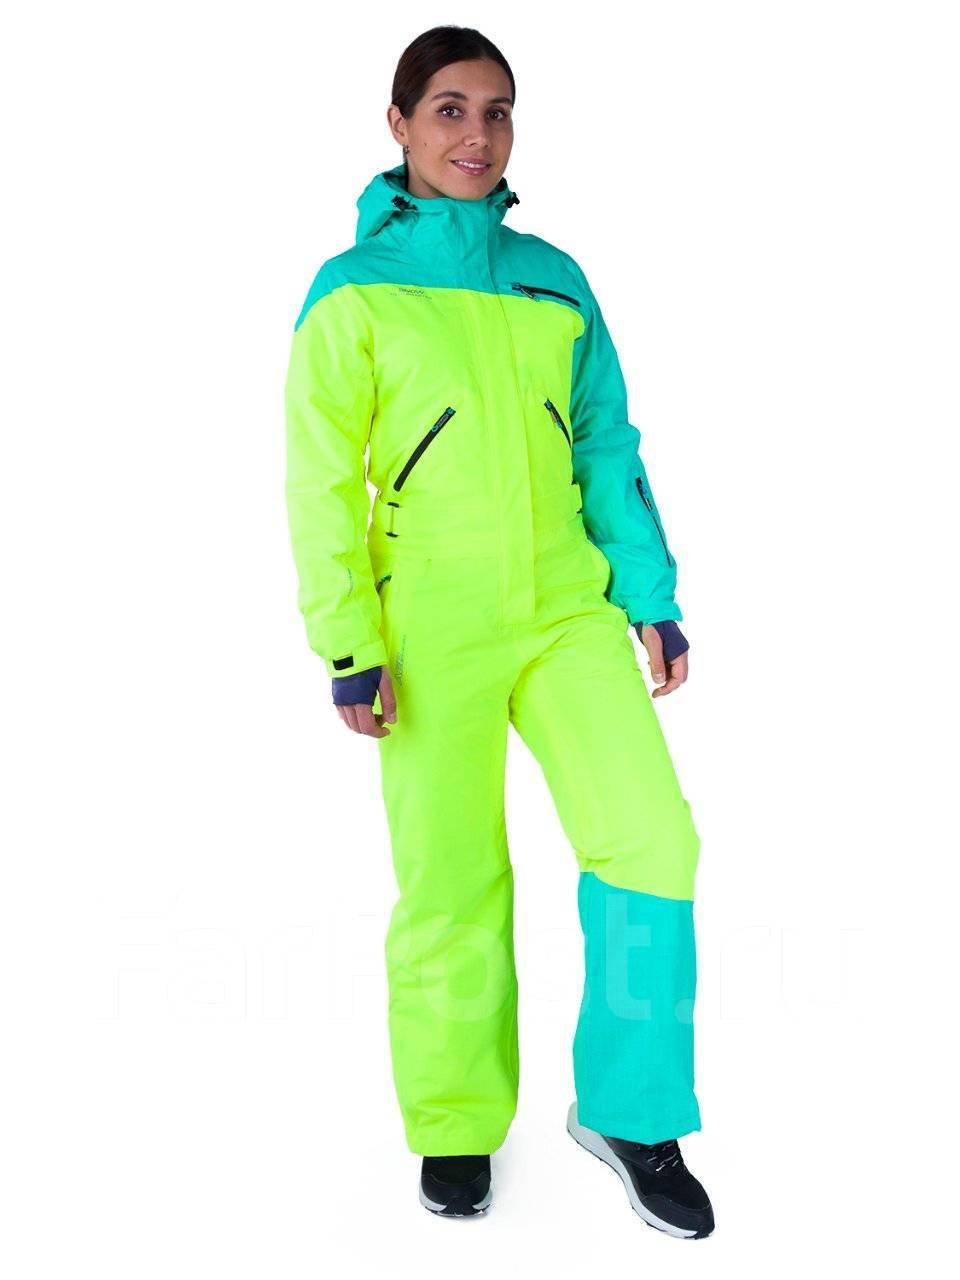 59de0135e5df Комбинезоны для лыж и сноуборда купить. Цены на новую и б у одежду